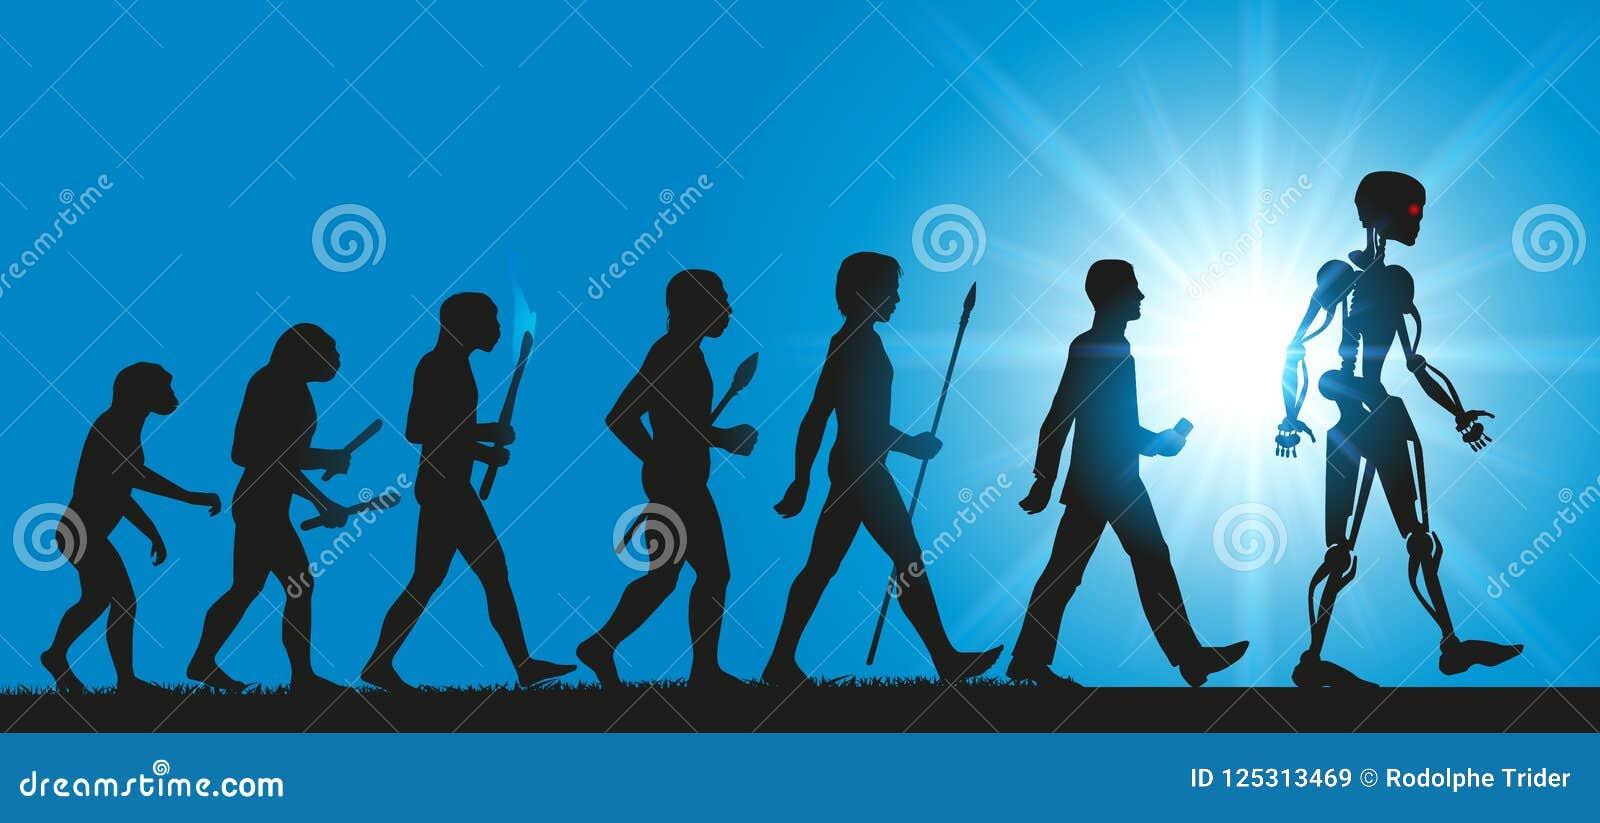 Konzept der Entwicklung von Menschlichkeit in Richtung in Richtung den Robotern und zur künstlichen Intelligenz